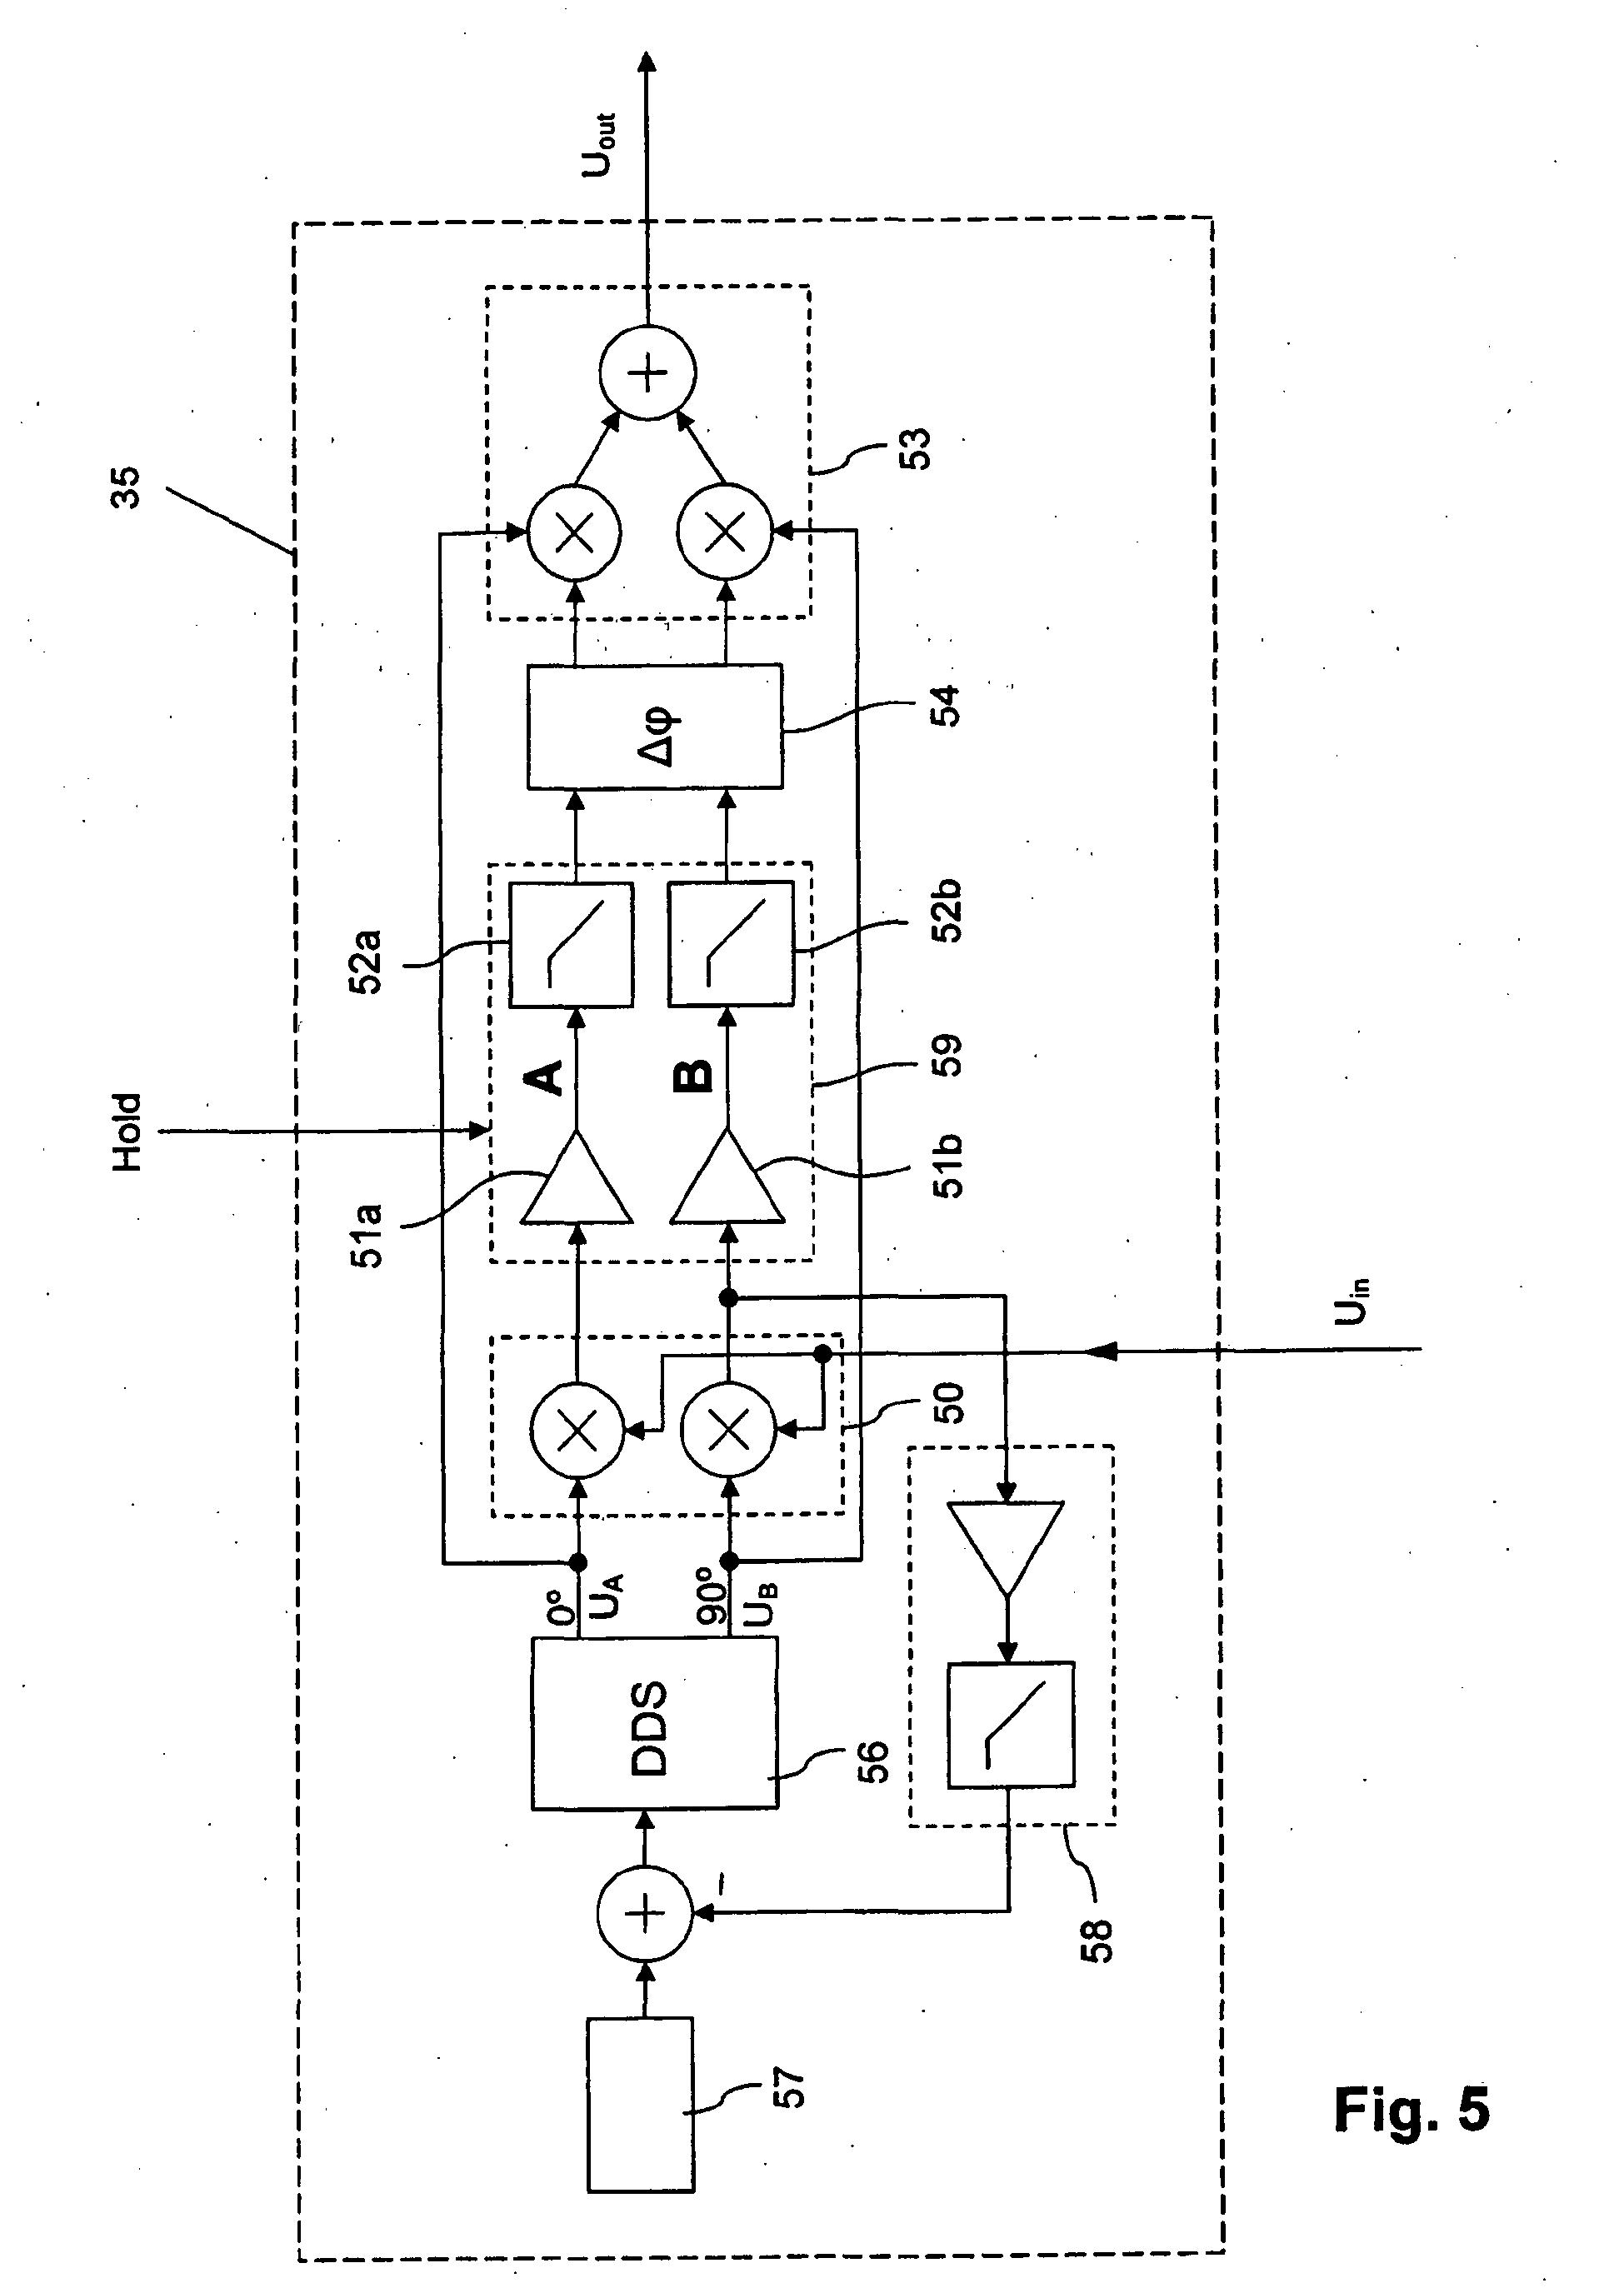 专利ep1887375b1 - dispositif